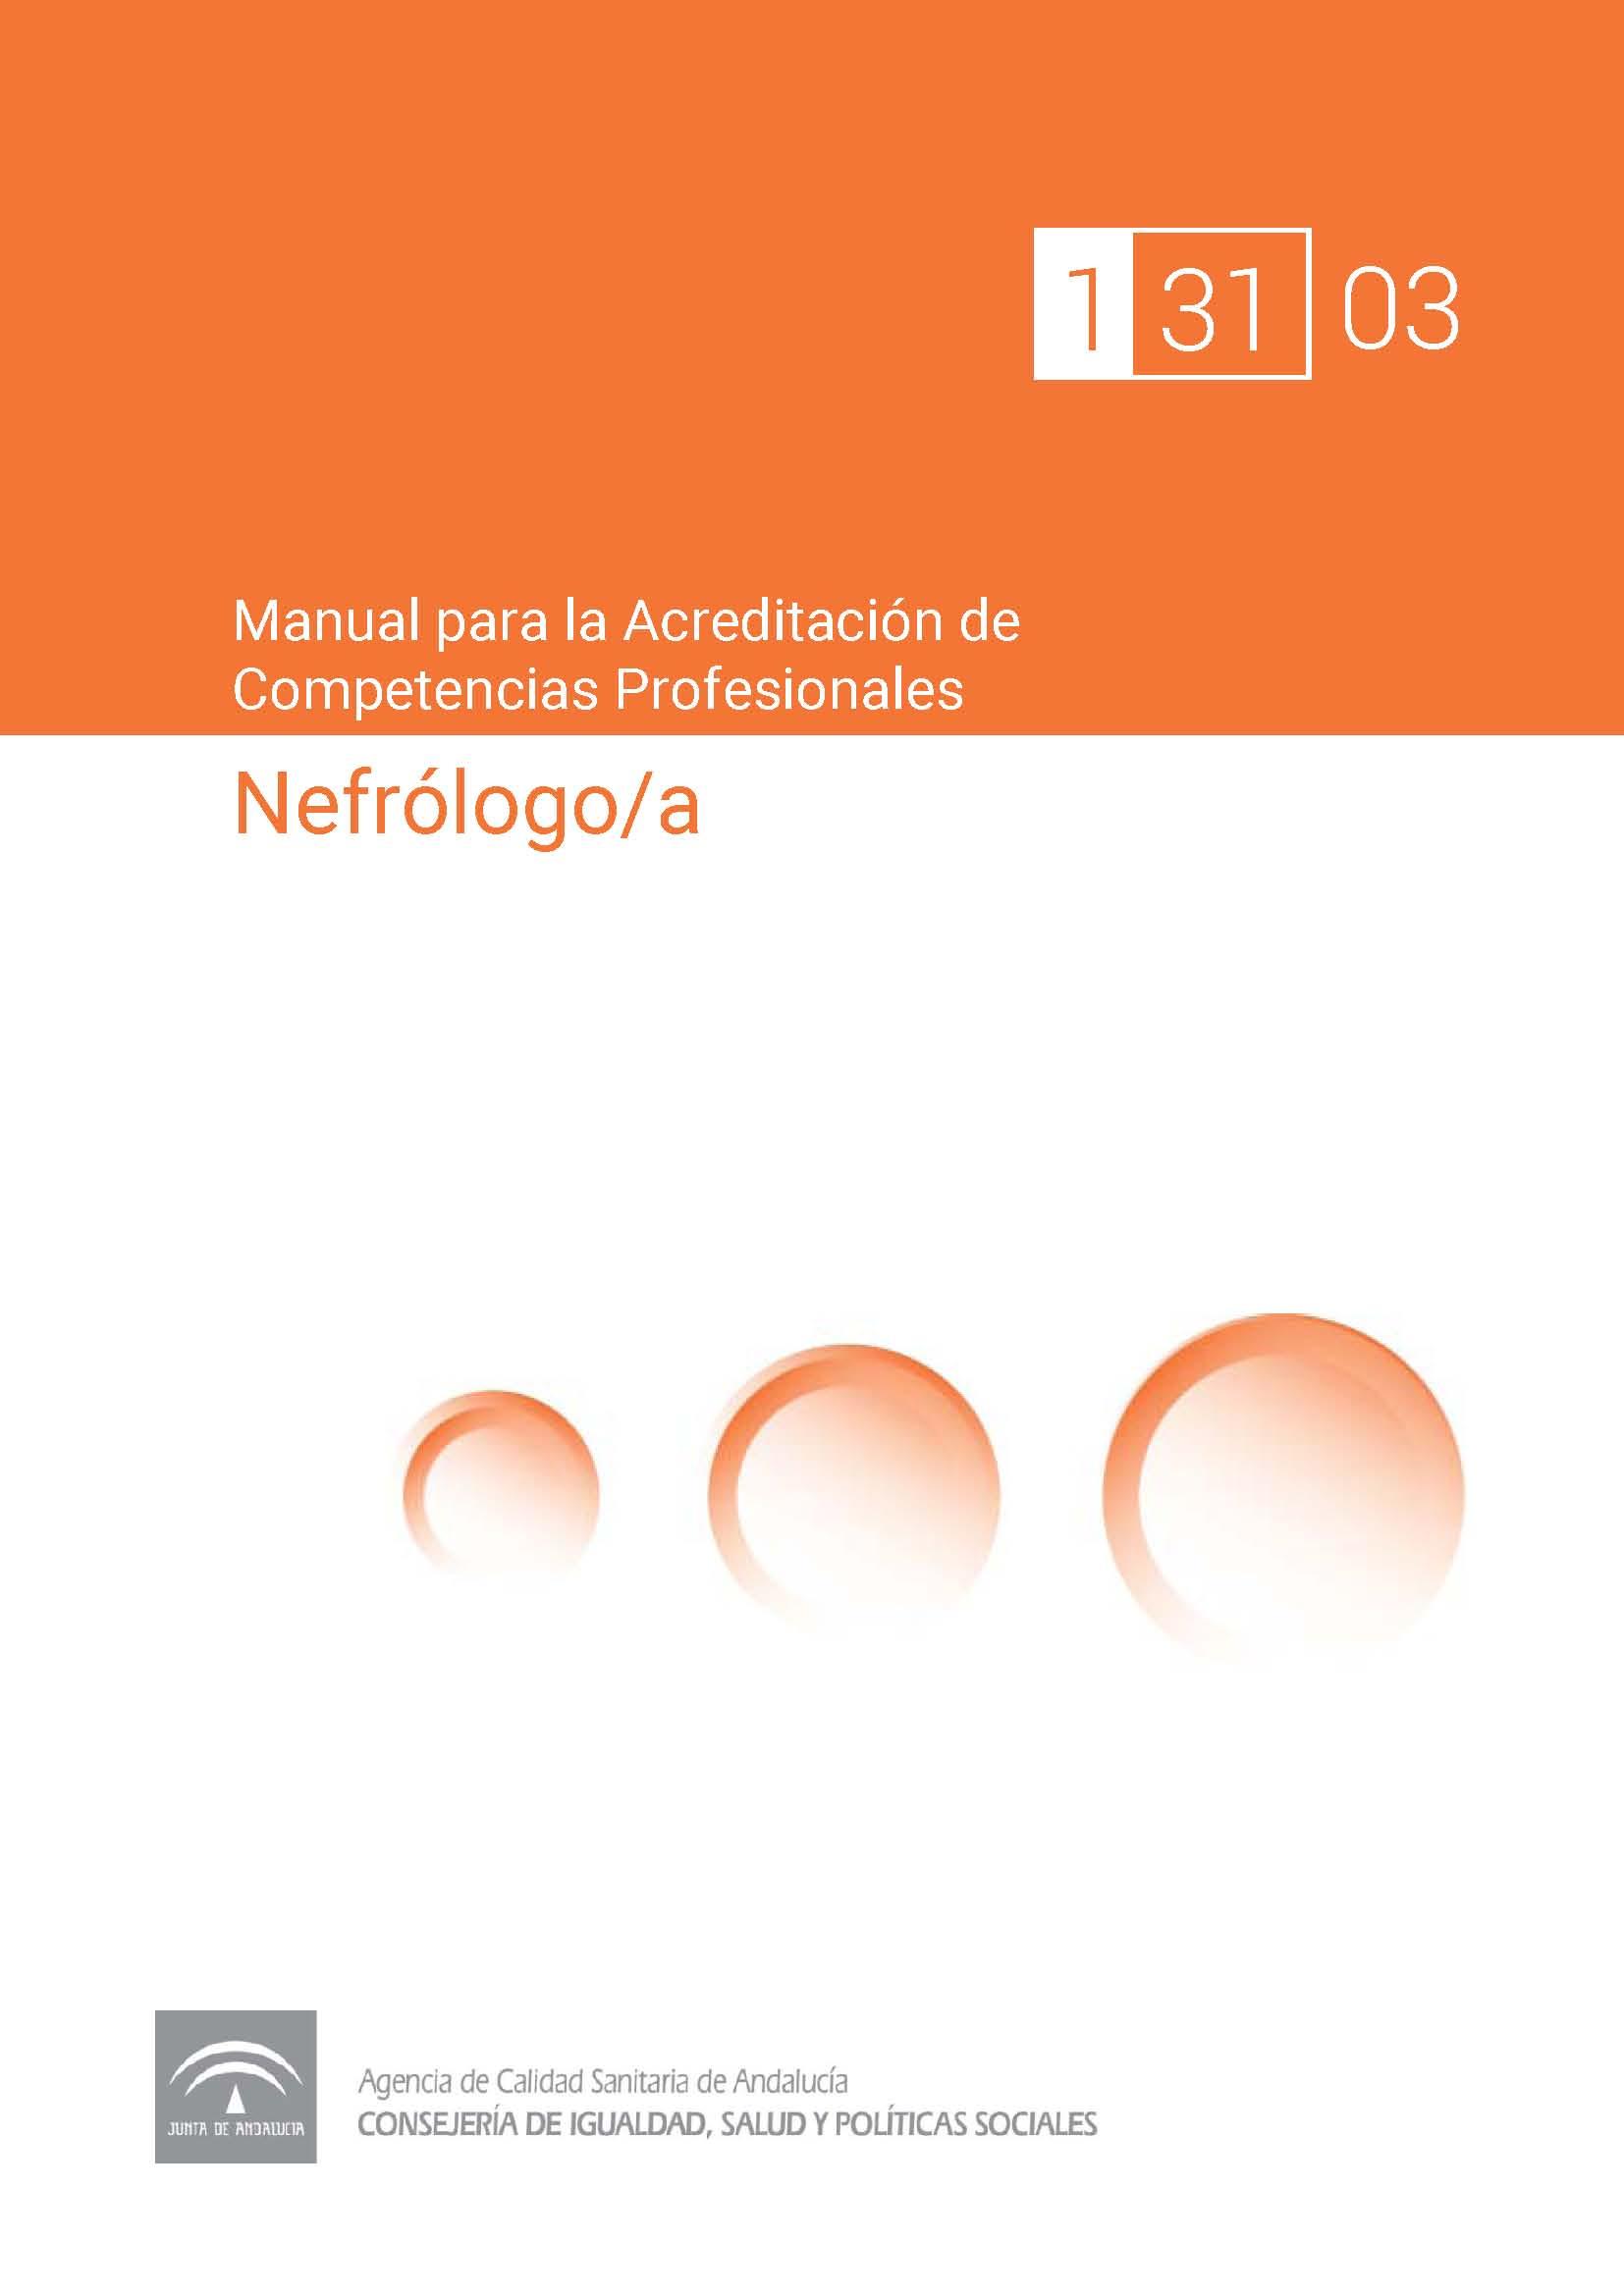 Manual de competencias profesionales del/de la Nefrólogo/a